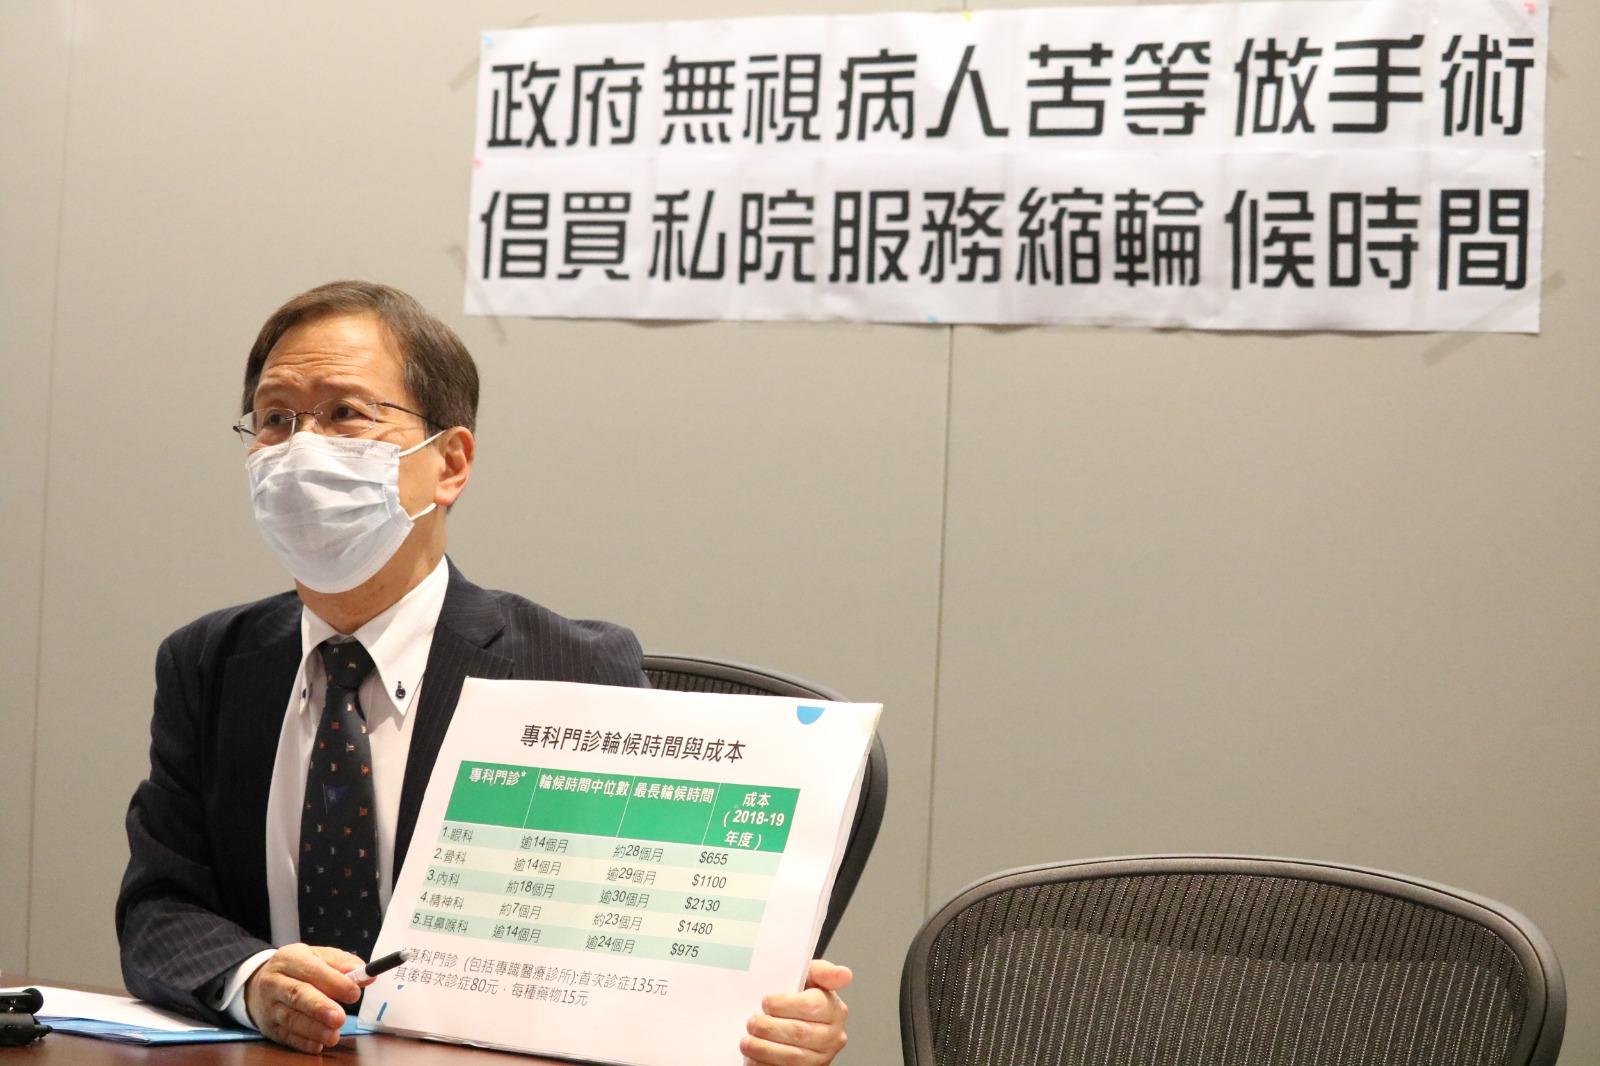 香港立法會議員郭家麒舉行記者會,建議政府增撥儲備擴大公私營協作計劃,涵蓋非緊急手術及專科門診新症。(大紀元)